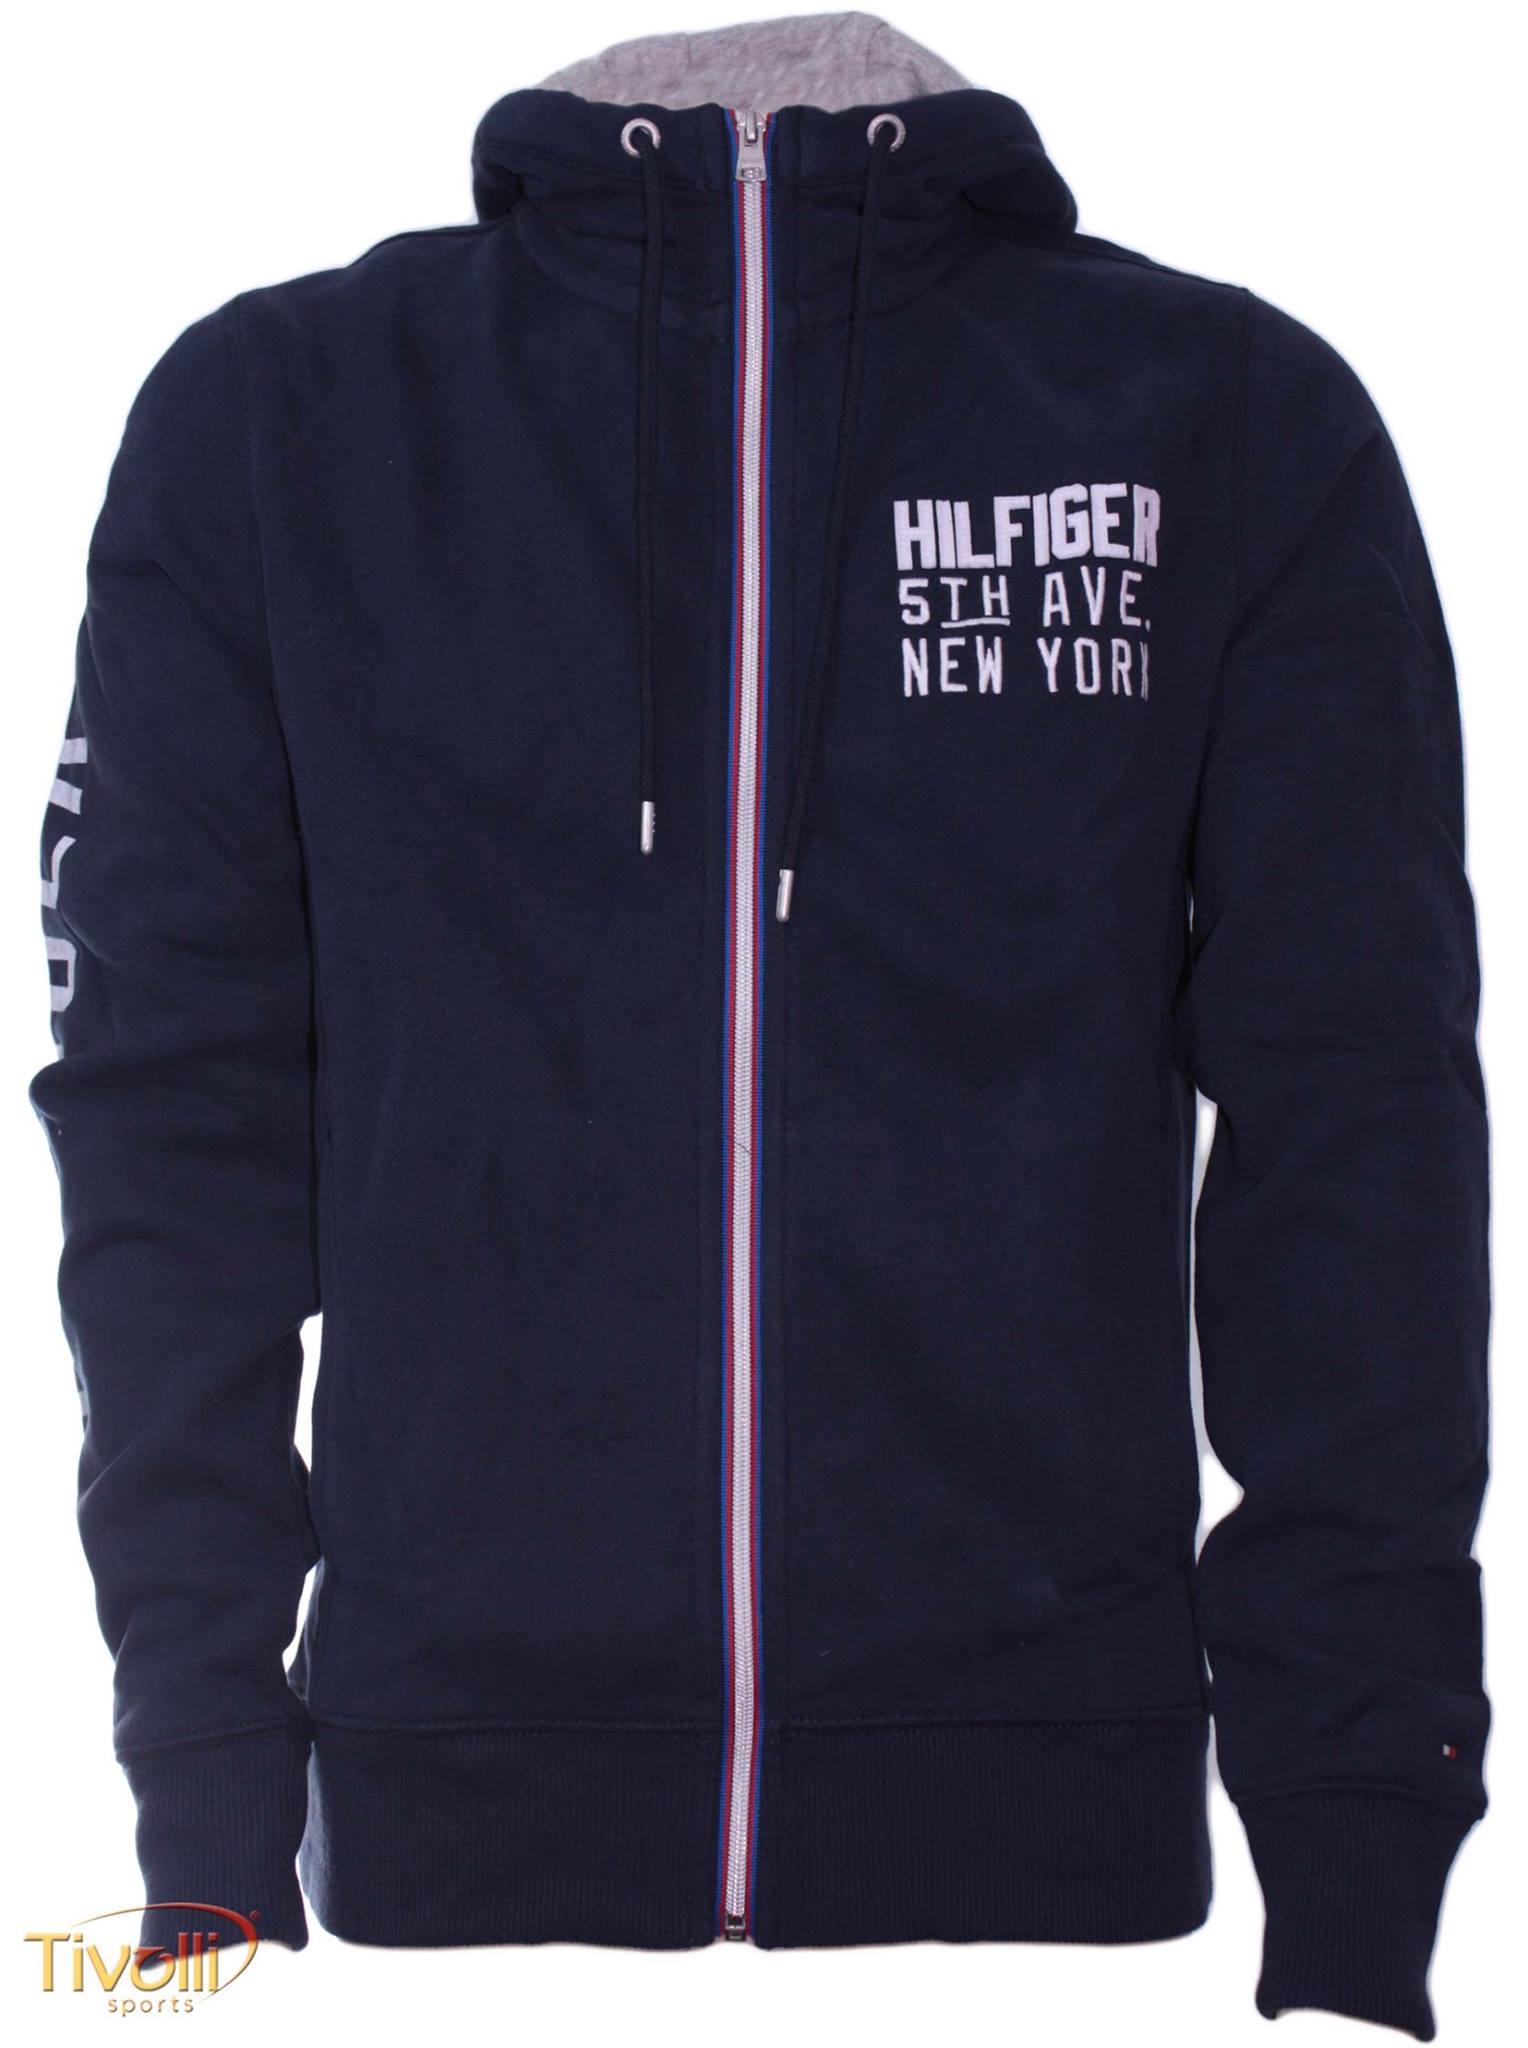 fc973bf65b322 Blusa de Moletom Tommy Hilfiger Masculina com ziper e capuz azul marinho